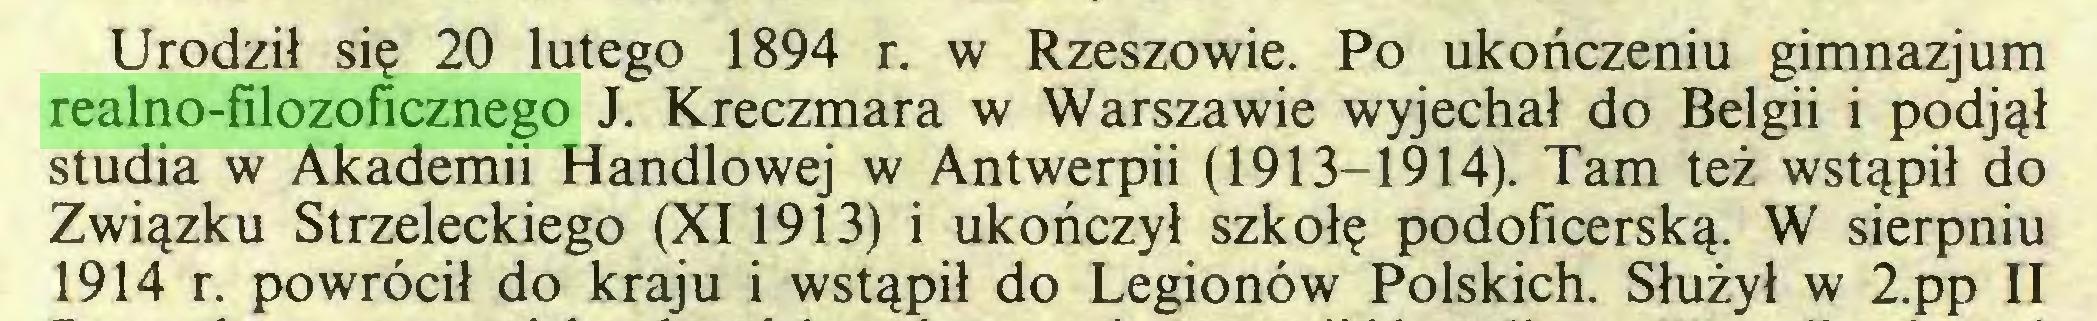 (...) Urodził się 20 lutego 1894 r. w Rzeszowie. Po ukończeniu gimnazjum realno-filozoficznego J. Kreczmara w Warszawie wyjechał do Belgii i podjął studia w Akademii Handlowej w Antwerpii (1913-1914). Tam też wstąpił do Związku Strzeleckiego (XI1913) i ukończył szkołę podoficerską. W sierpniu 1914 r. powrócił do kraju i wstąpił do Legionów Polskich. Służył w 2.pp II...